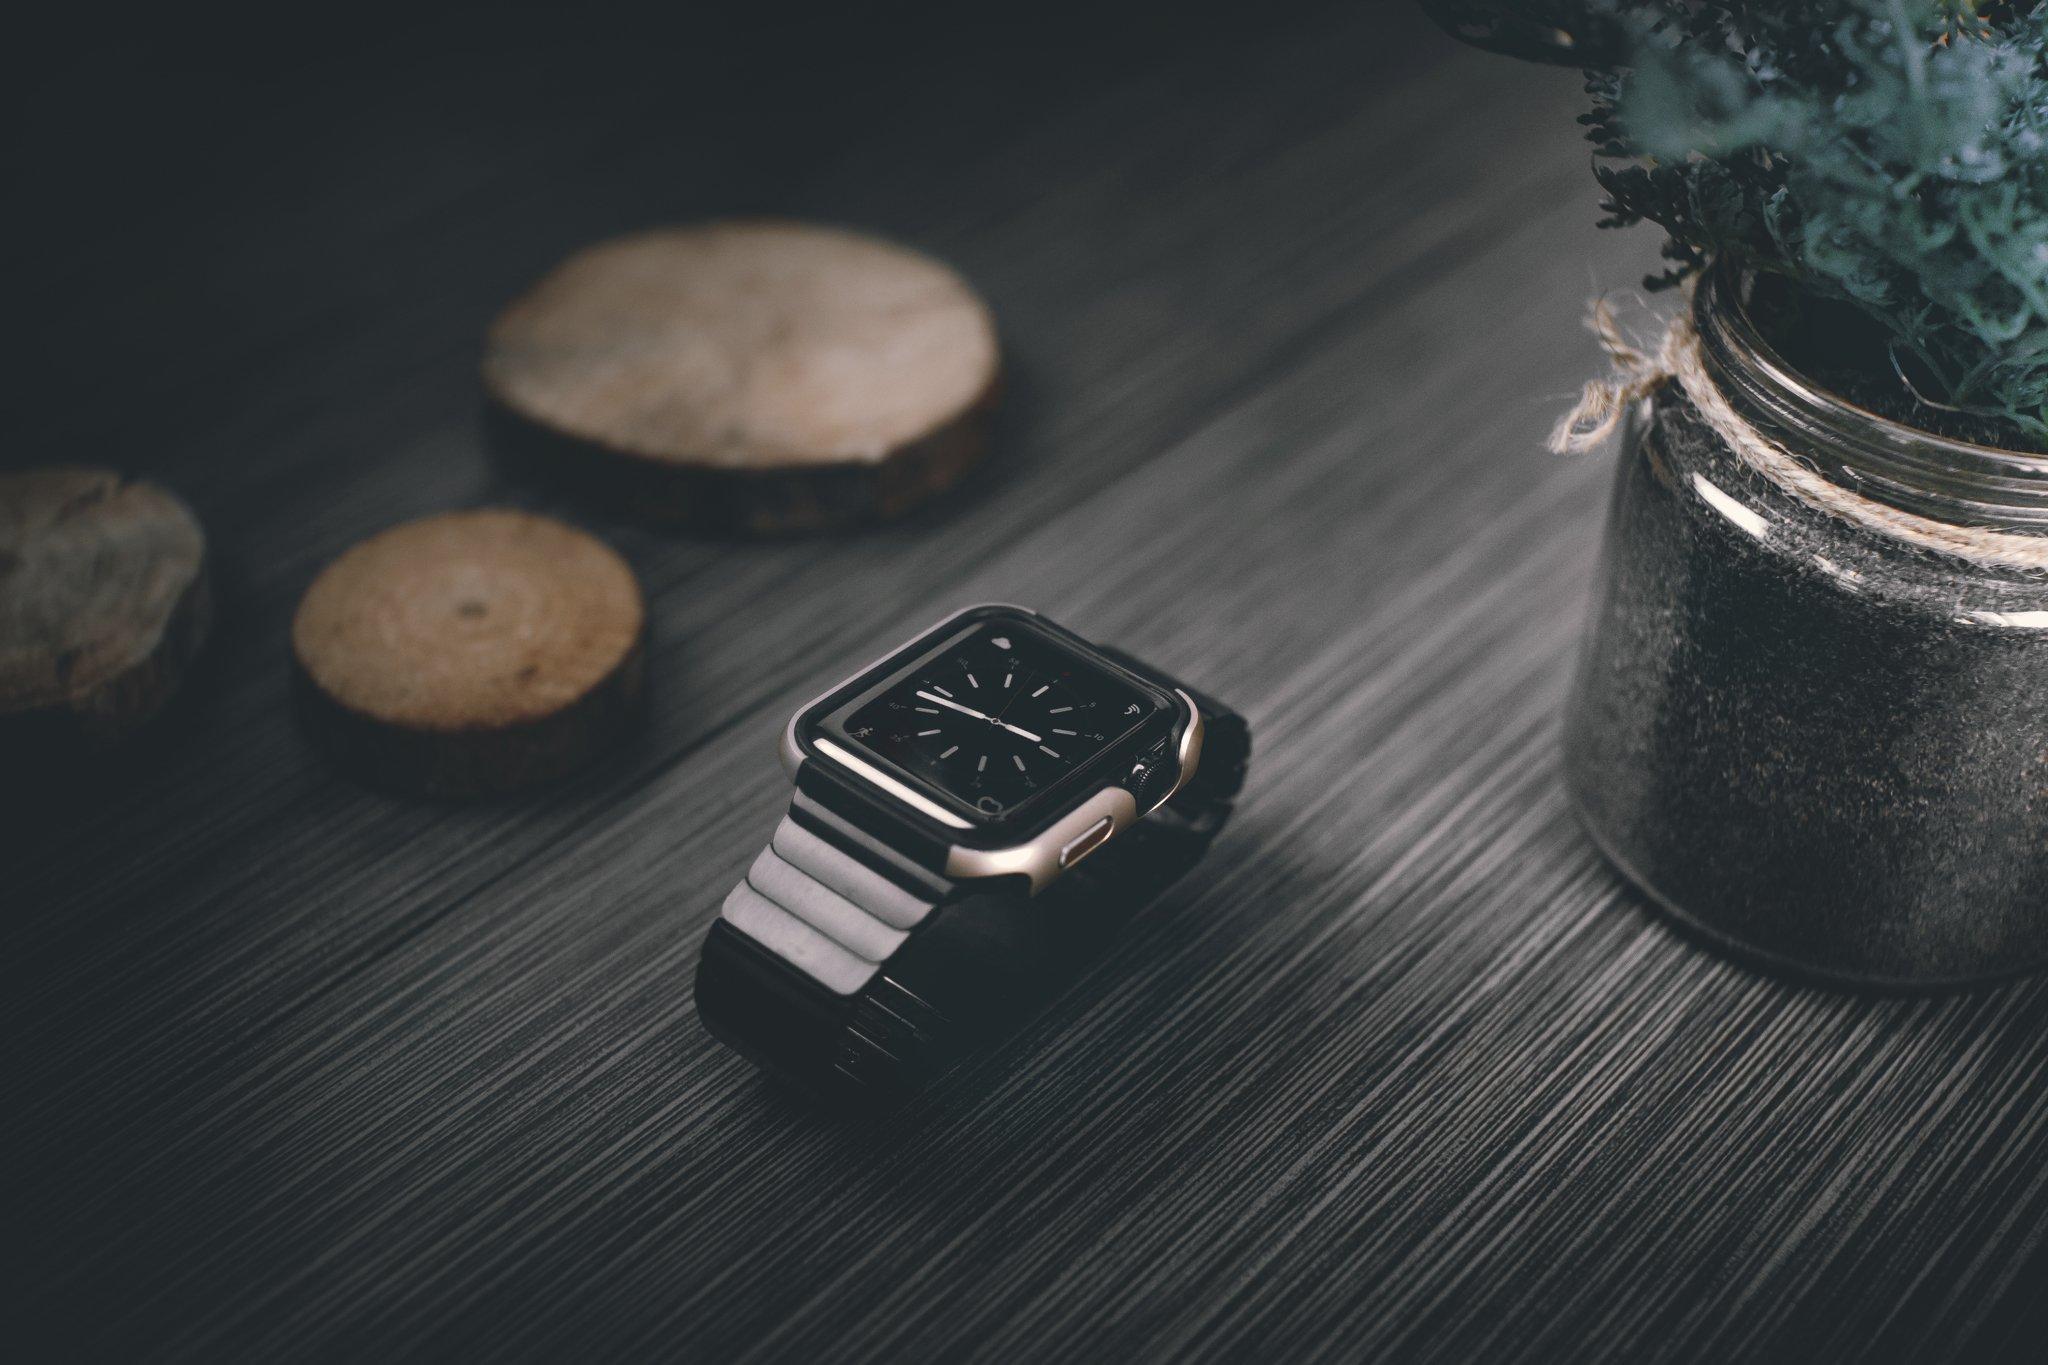 Apple Watch 3 / 2 / 1 ケース (38mm)  【 米国 Zizo 】 米軍MIL規格 810.1-G 耐衝撃 アルミニウム メタル バンパー x TPU ハイブリッド (2層構造)  スリム ケース   【 ゴールド / ブラック 】